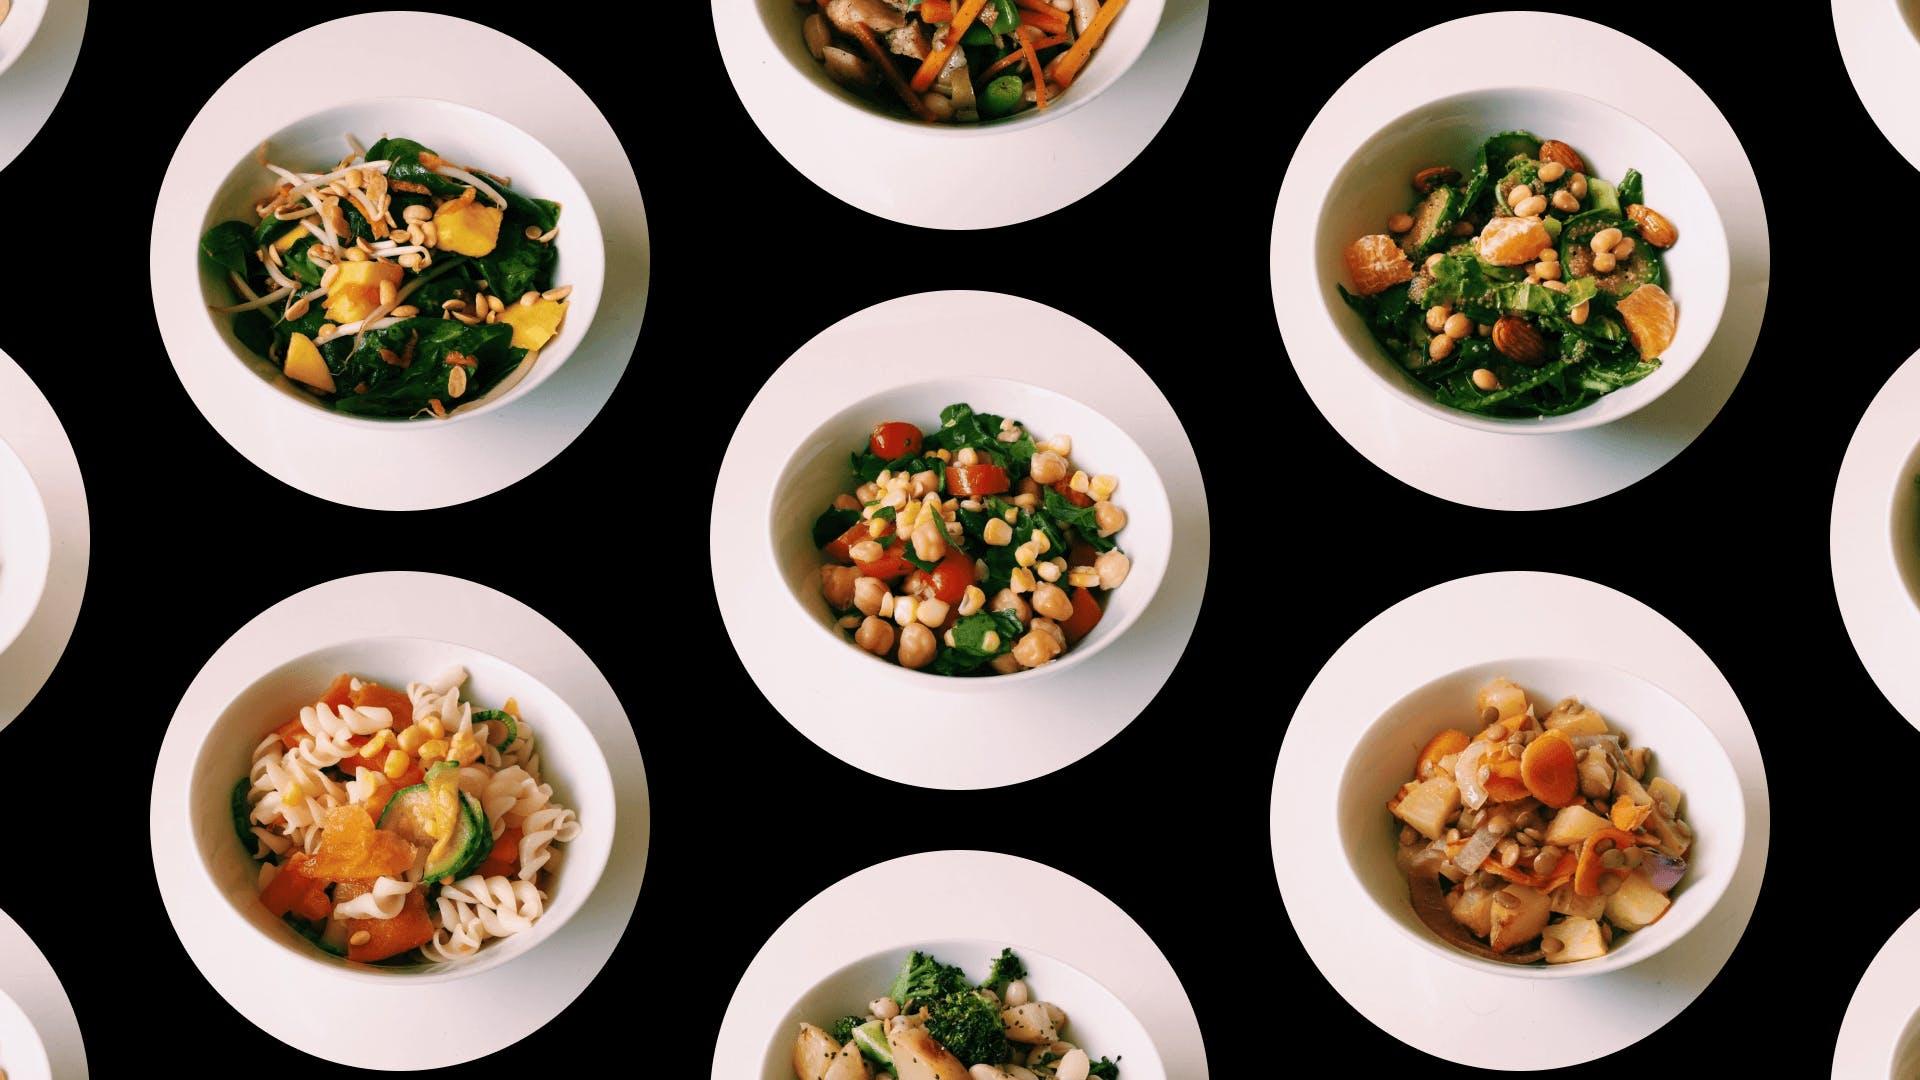 Imagem contendo fotos com pratos de saladas sem alface.